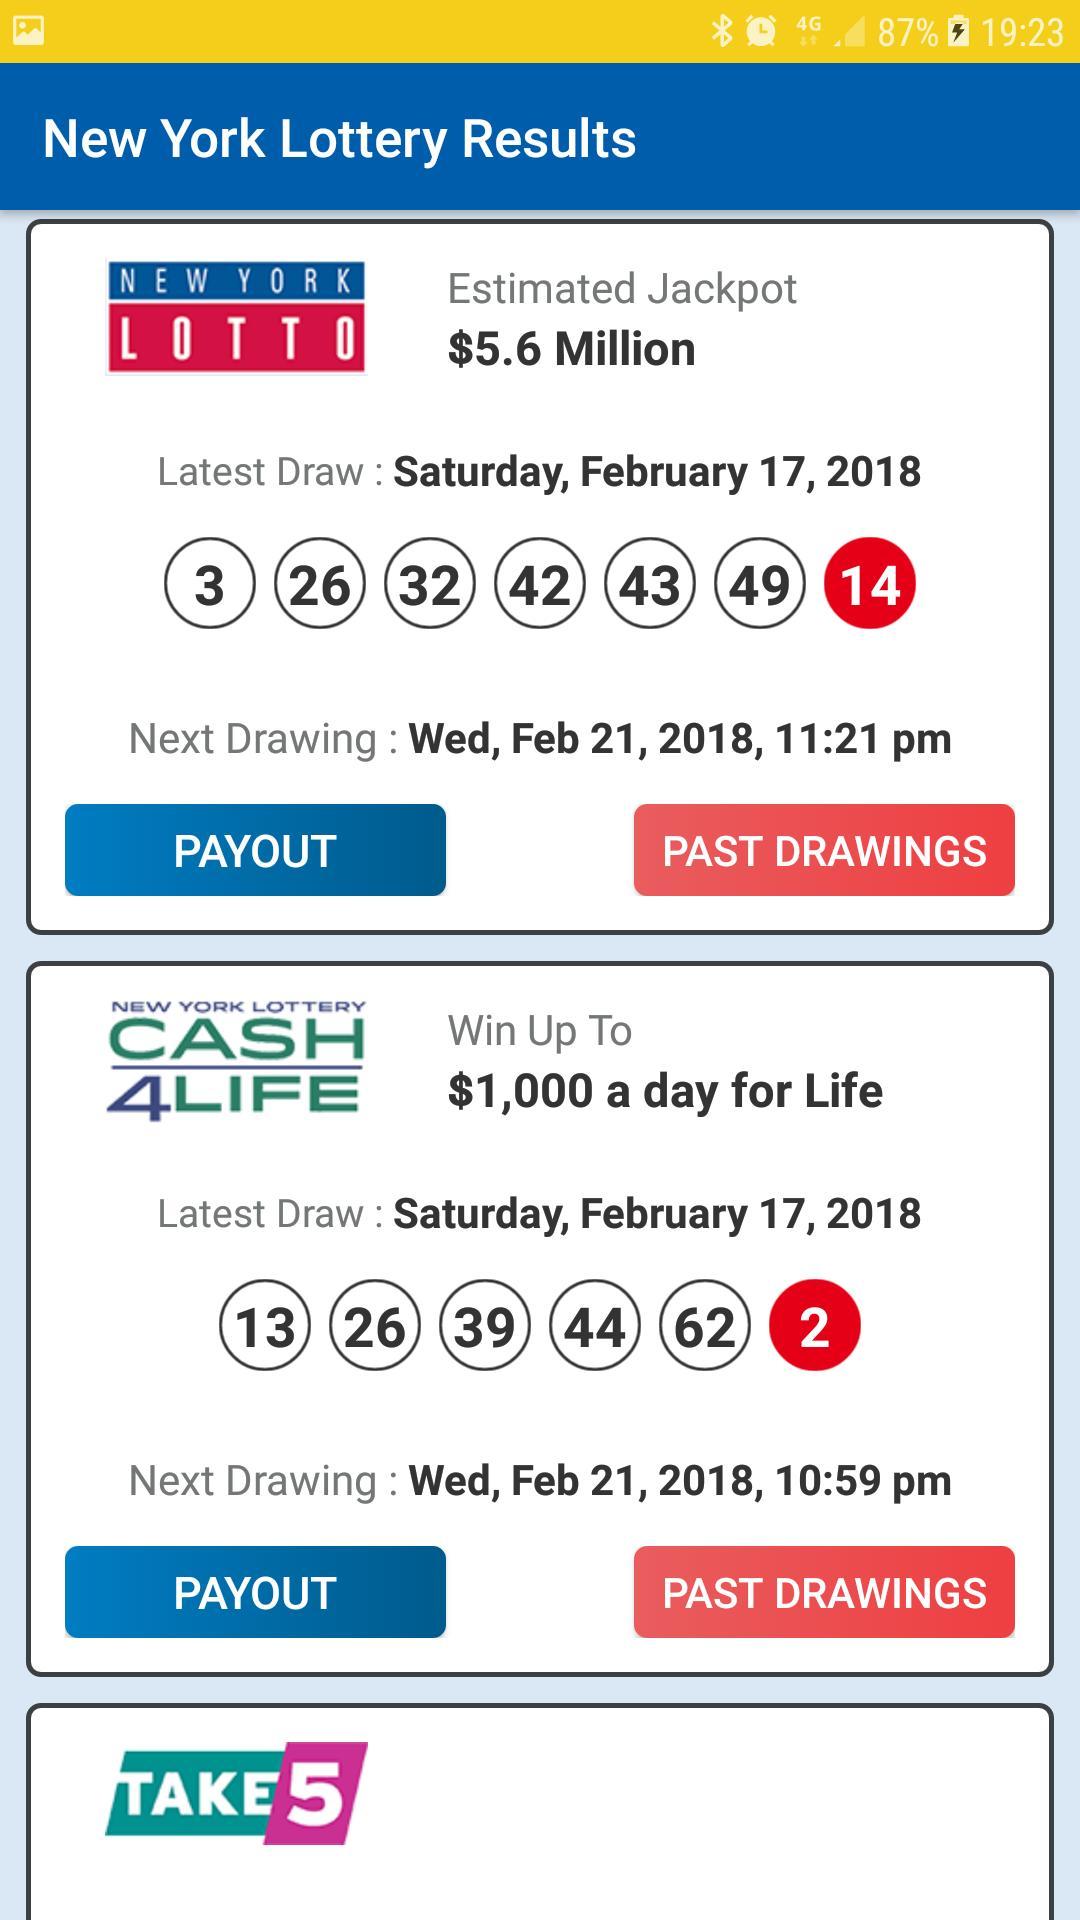 Нью йоркская лотерея ny lottery – правила игры, отзывы участников, история создания | big lottos